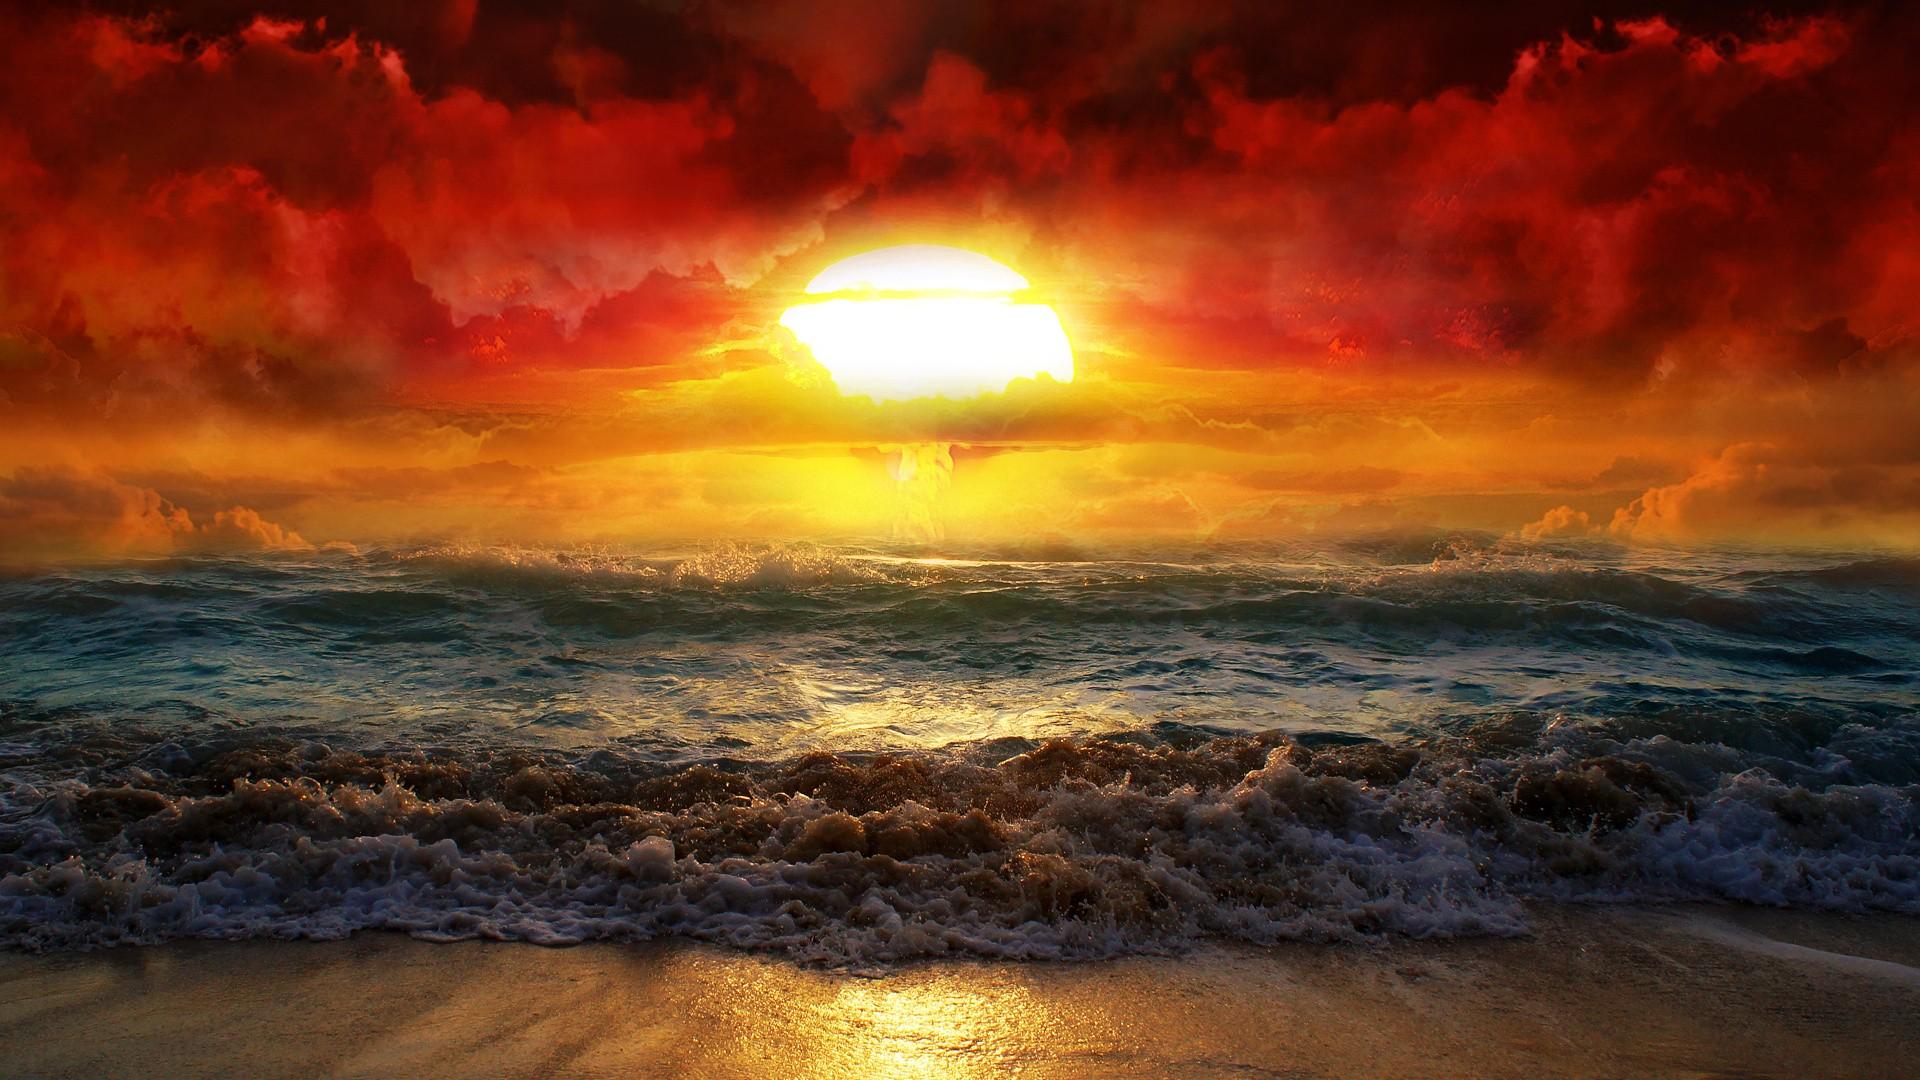 «Пламя ярче тысячи солнц...» - в древних индийских писаниях есть строки о ядерном оружии?